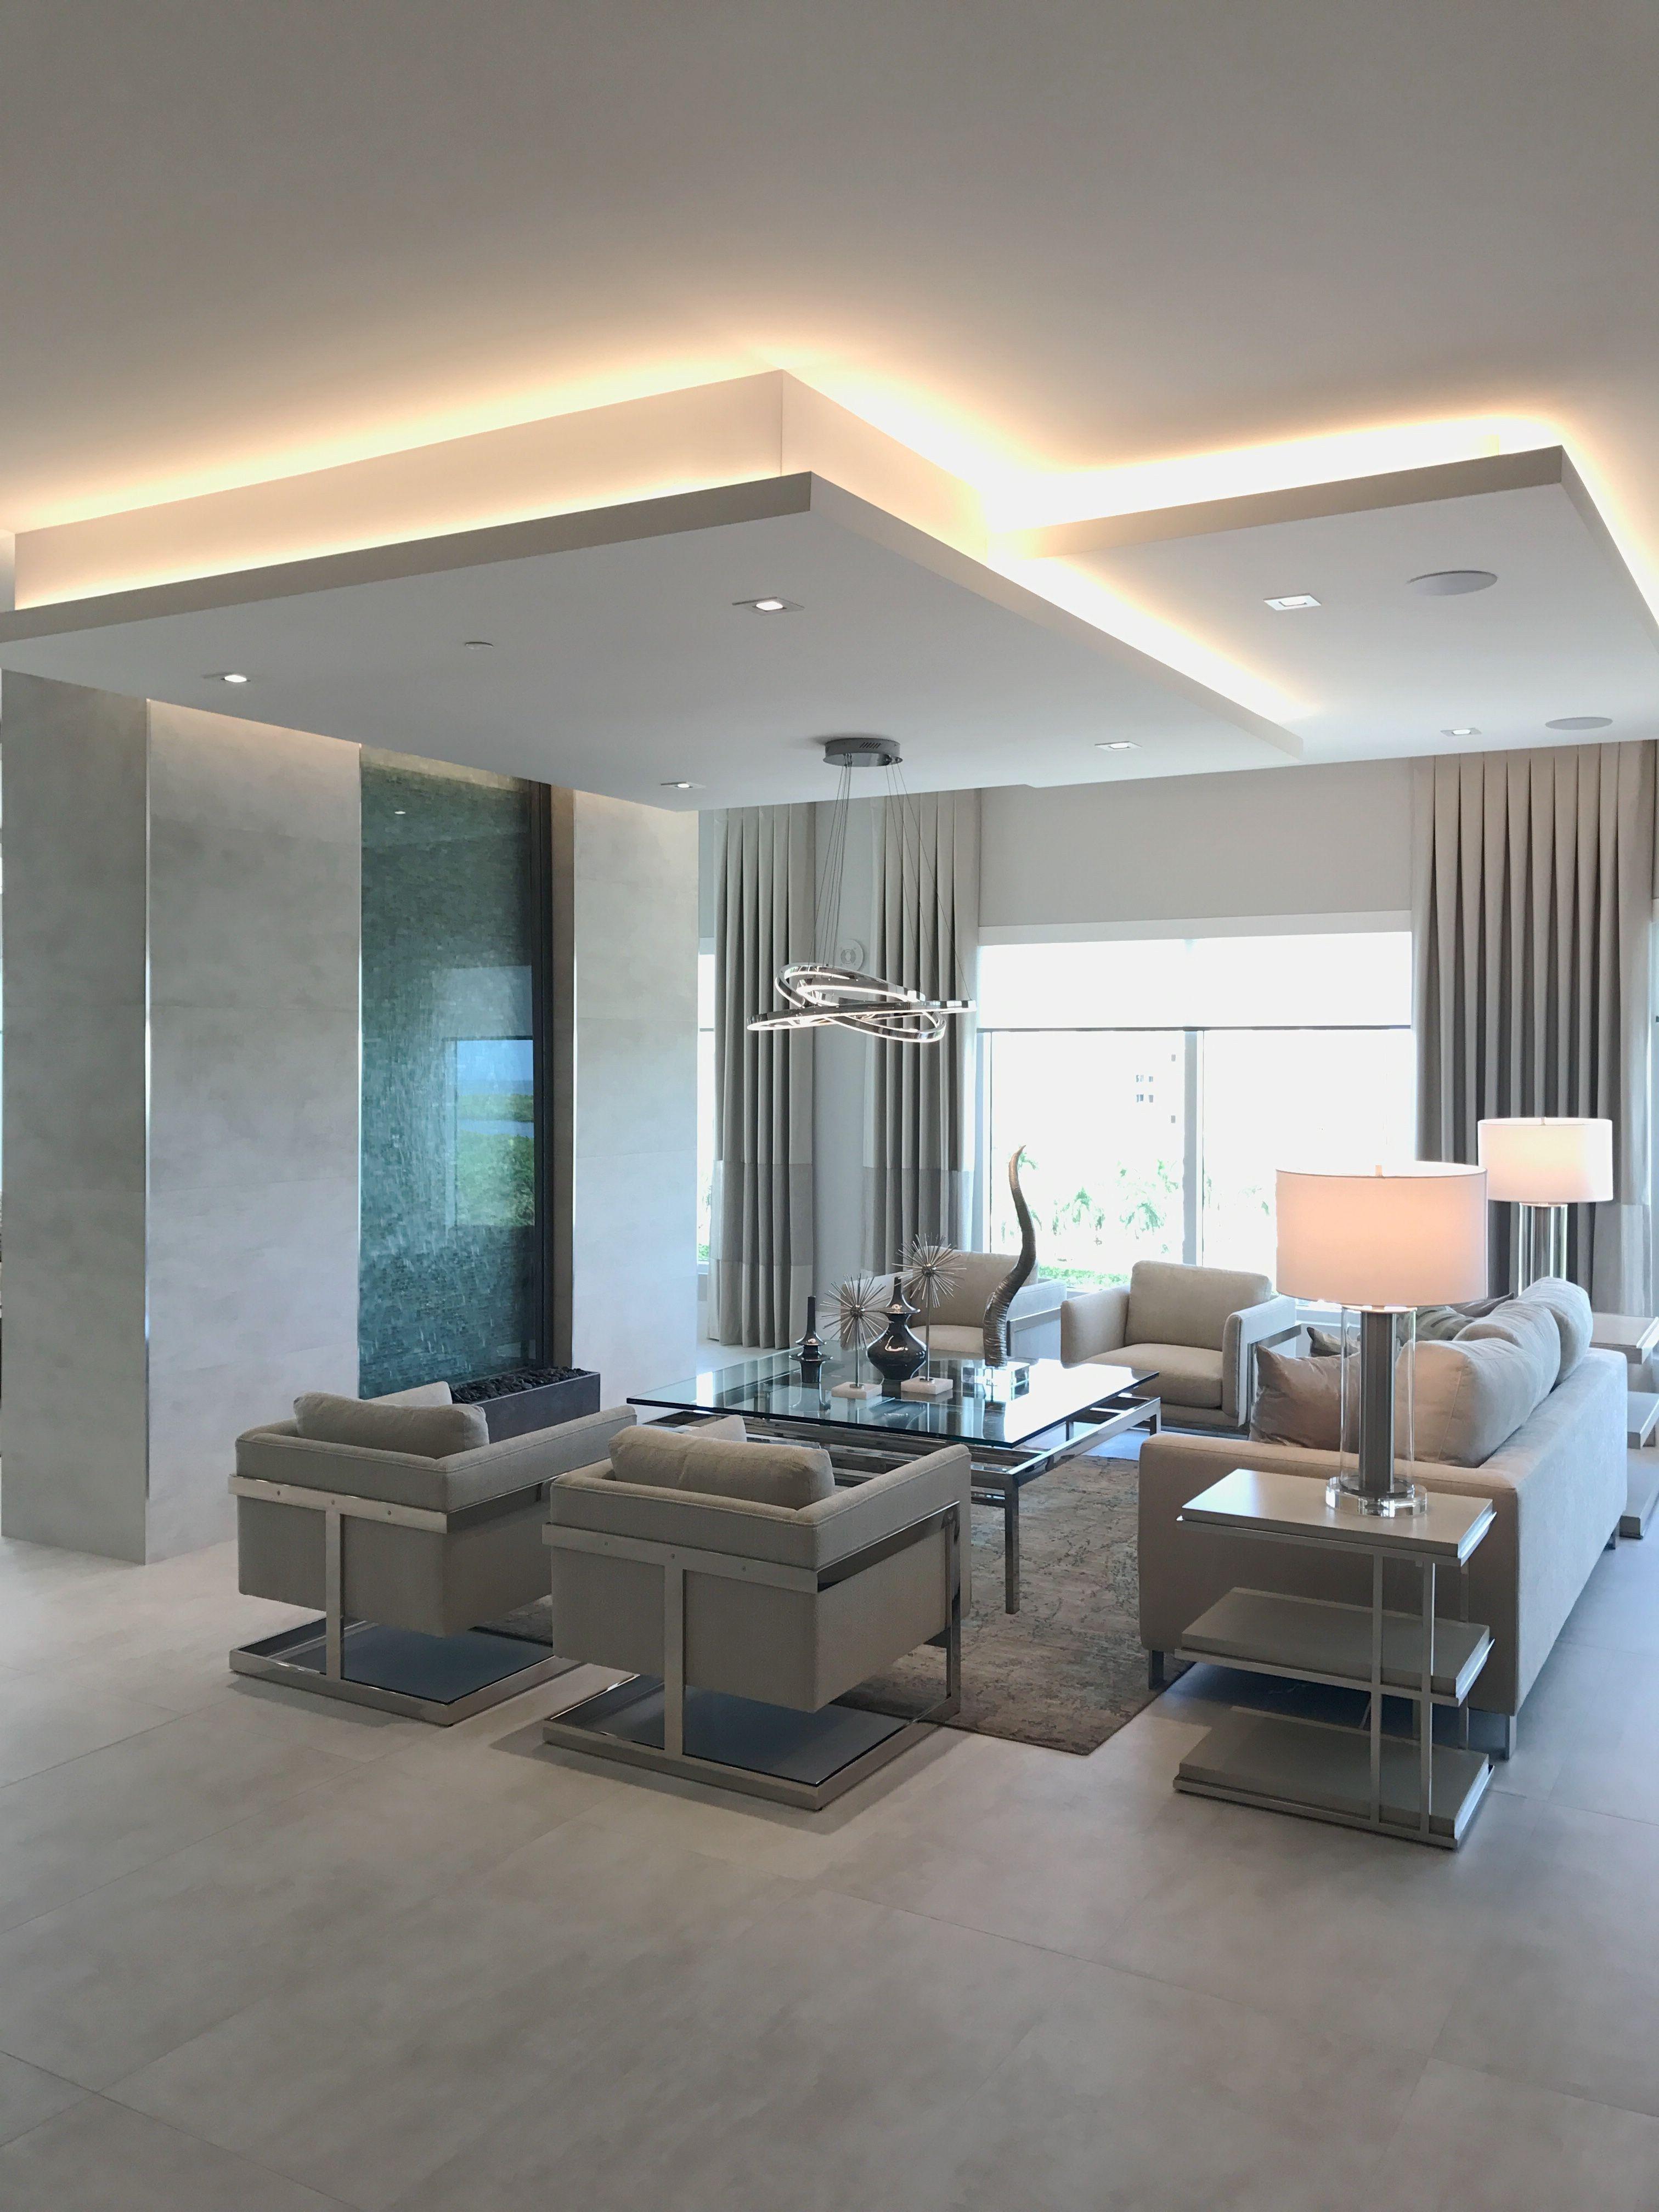 Unique Dining Room Interior Design Room Ceiling Design Living